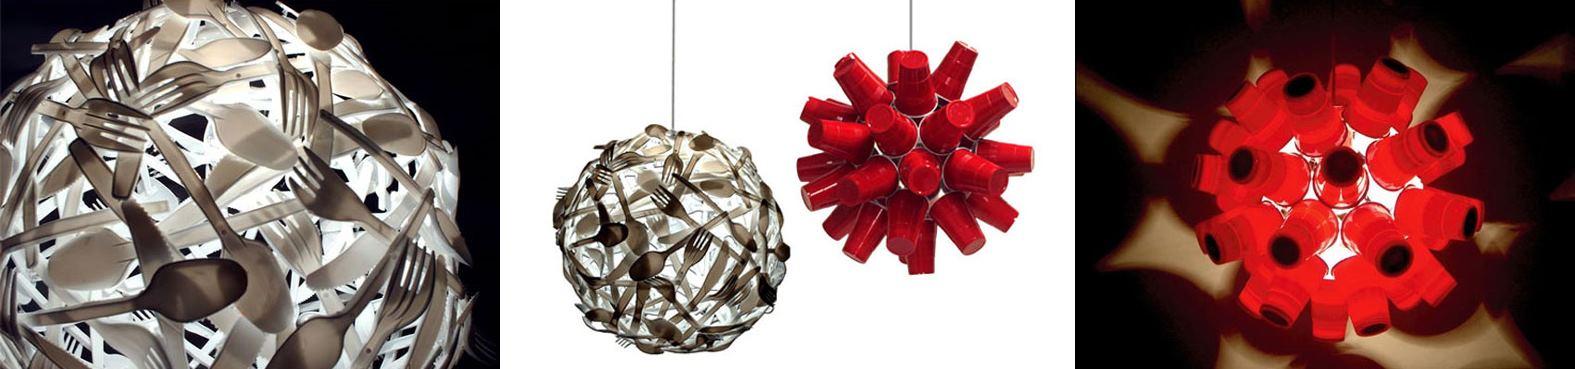 estas pantallas de lampara estan realizadas en base a cubiertos y vasos